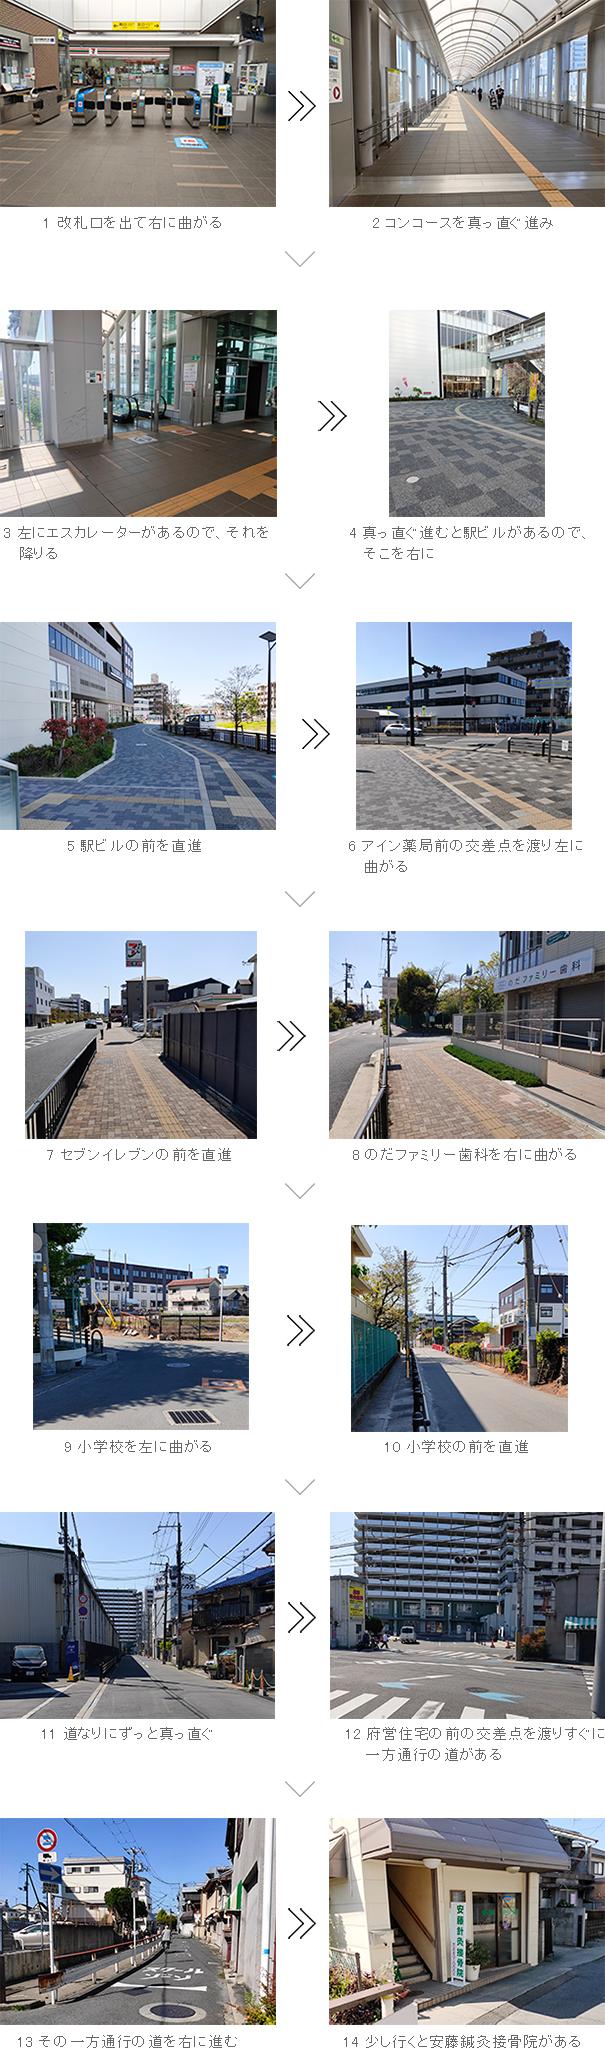 JR京都線「岸辺駅」からのルート